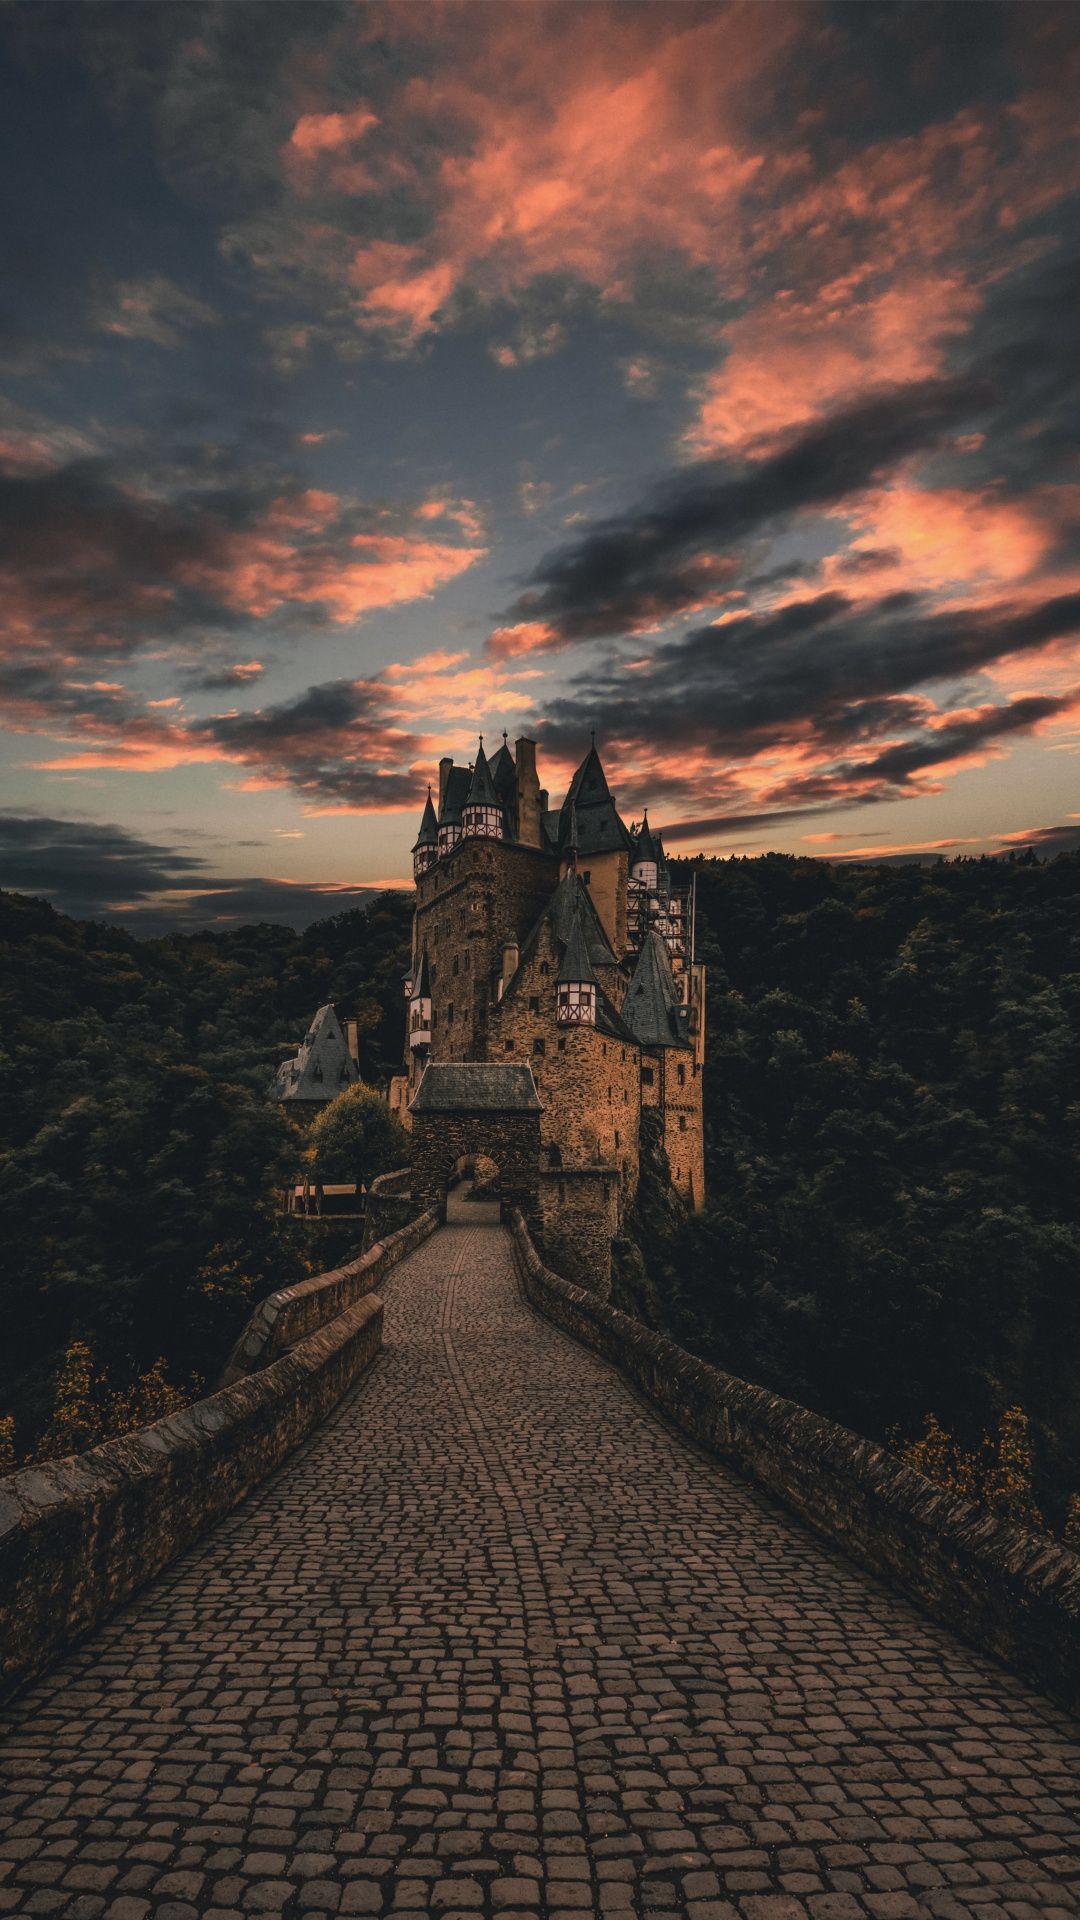 Wierschem, Germany, sunset, road, tree, castle, 1080x1920 wallpaper